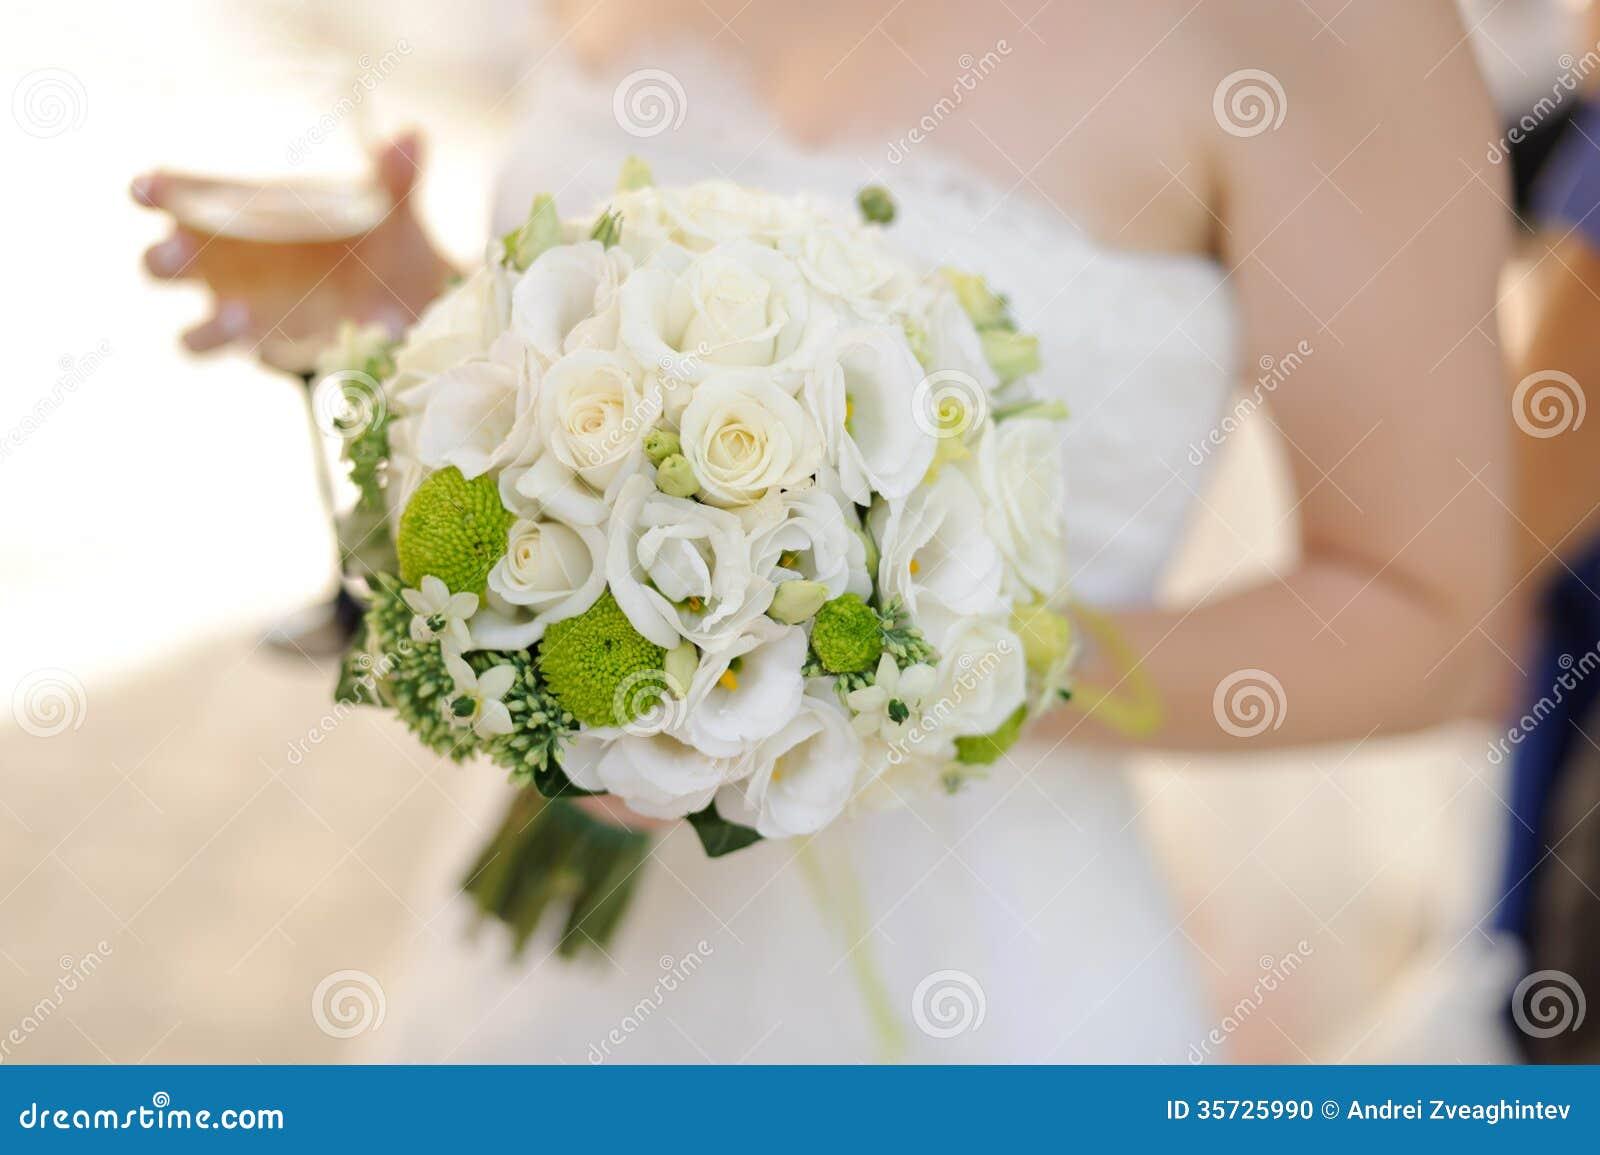 bouquet de mariage photo stock image du contrat bonheur. Black Bedroom Furniture Sets. Home Design Ideas